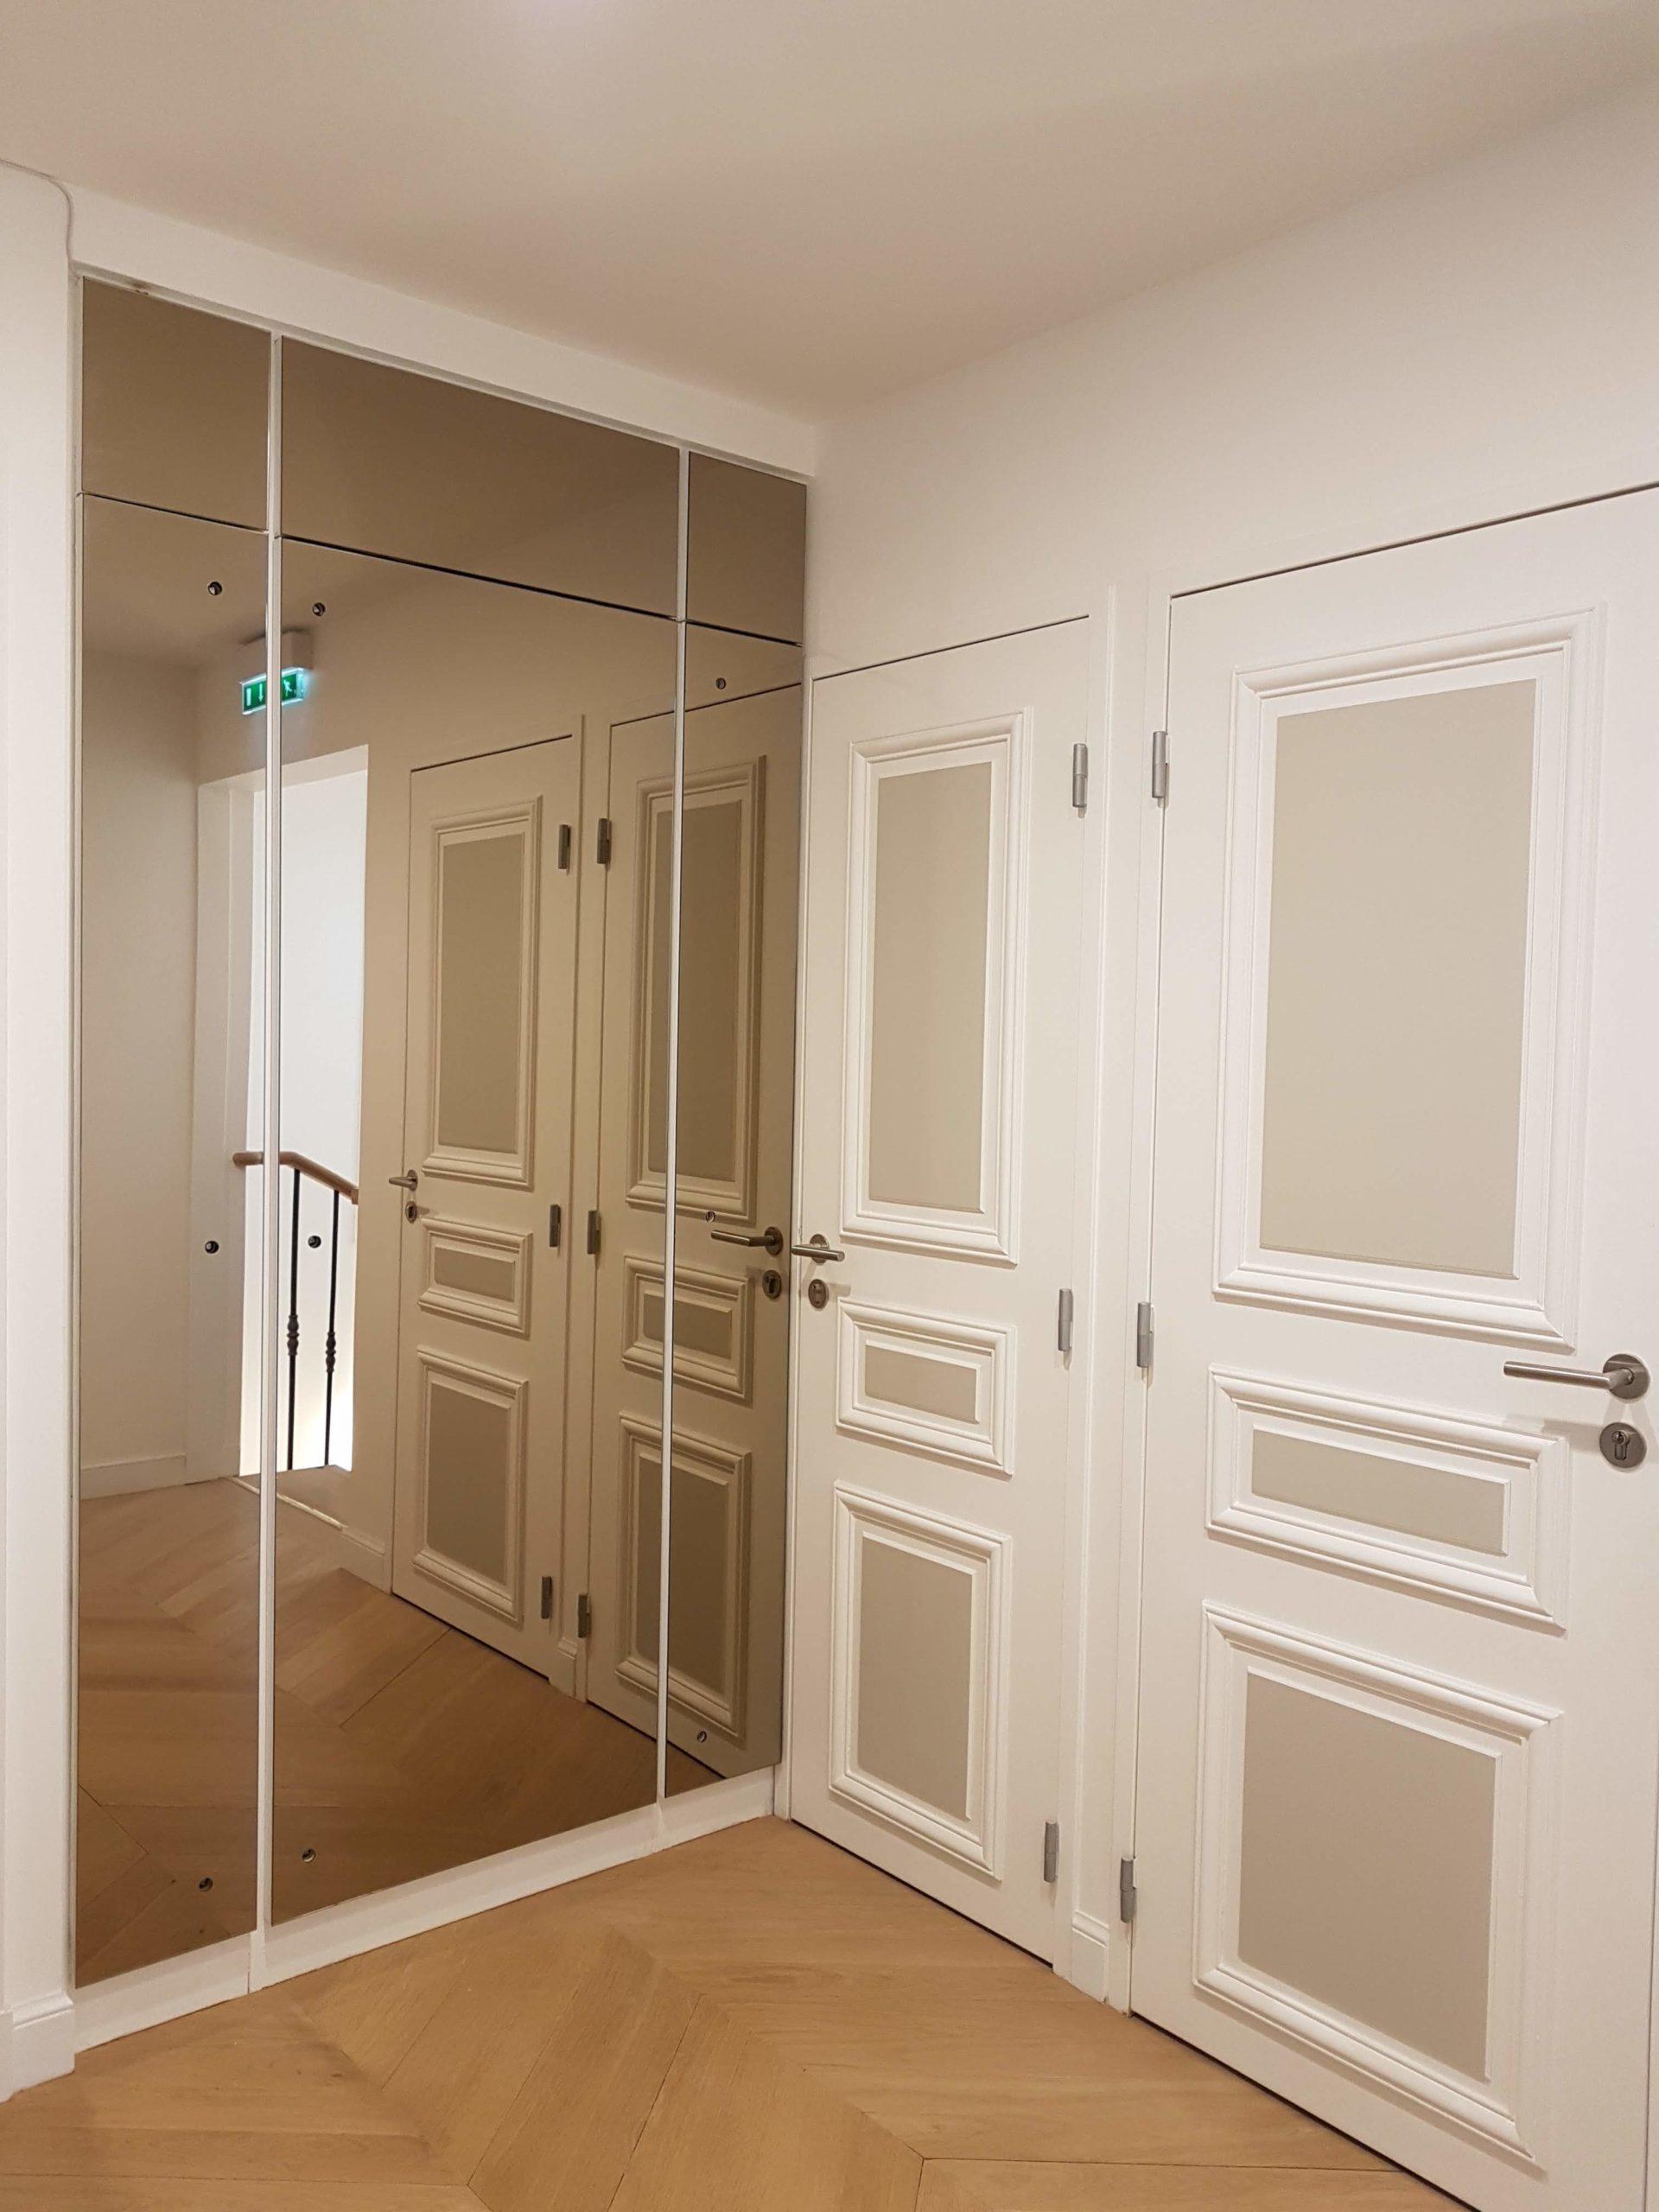 Entrée avec placards vitrés et portes moulurées